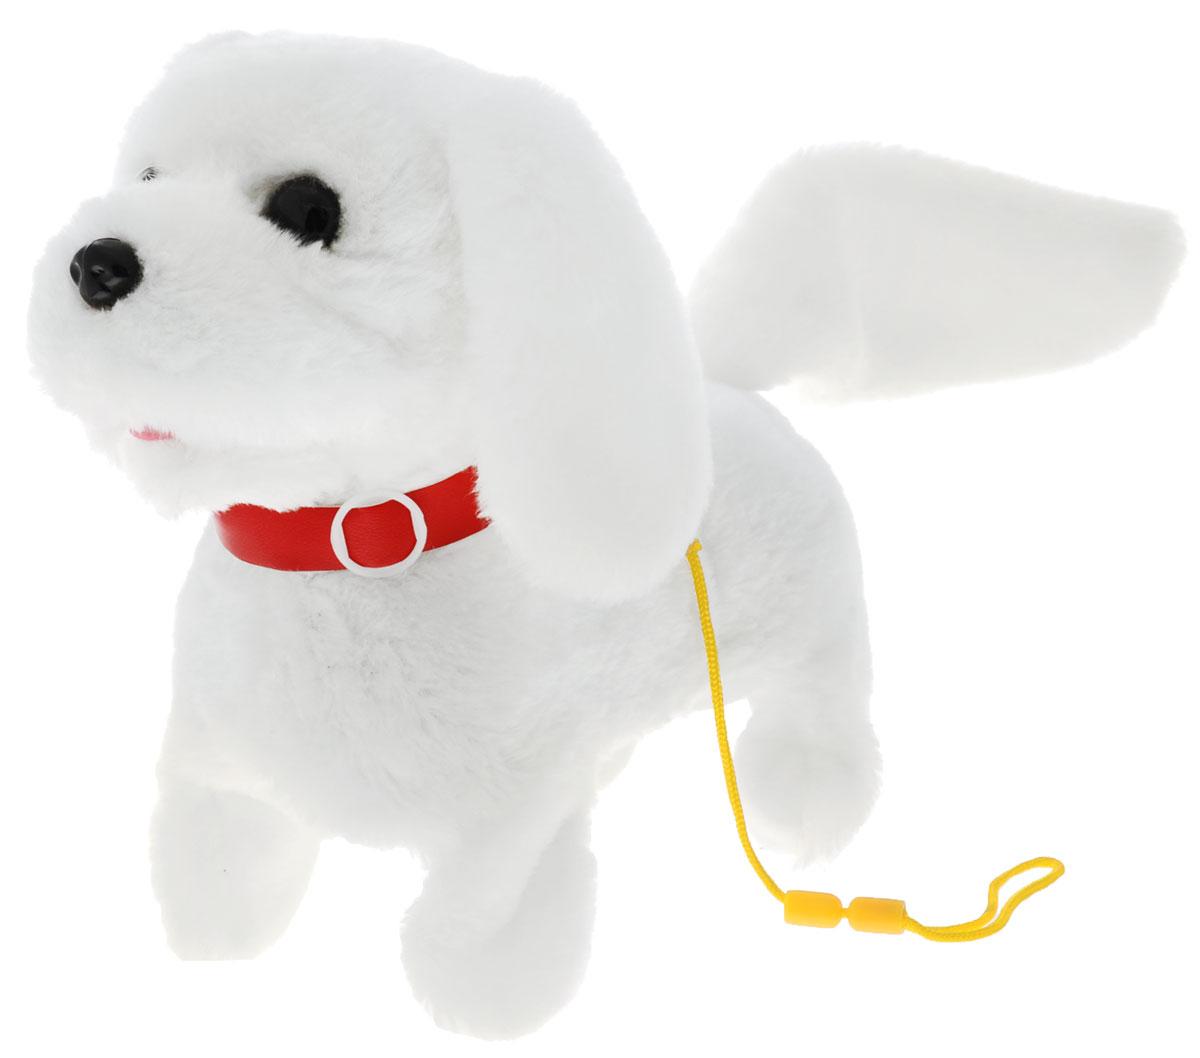 Sonata Style Мягкая игрушка Собачка цвет белый 22 смGT5928_белыйМягкая игрушка Sonata Style Собачка - самый лучший подарок для ребенка! Забавная игрушка сделана из приятного и очень мягкого материала, безвредного для малыша. Собачка умеет ходить вперед, останавливаться, шевелить хвостиком и лаять. Управляется собачка с помощью поводка, потянув за который, можно включить игрушку. Переключение режимов лая и ходьбы происходит последовательным потягиванием за поводок. Для работы игрушки необходимы 2 батарейки типа С (товар комплектуется демонстрационными).